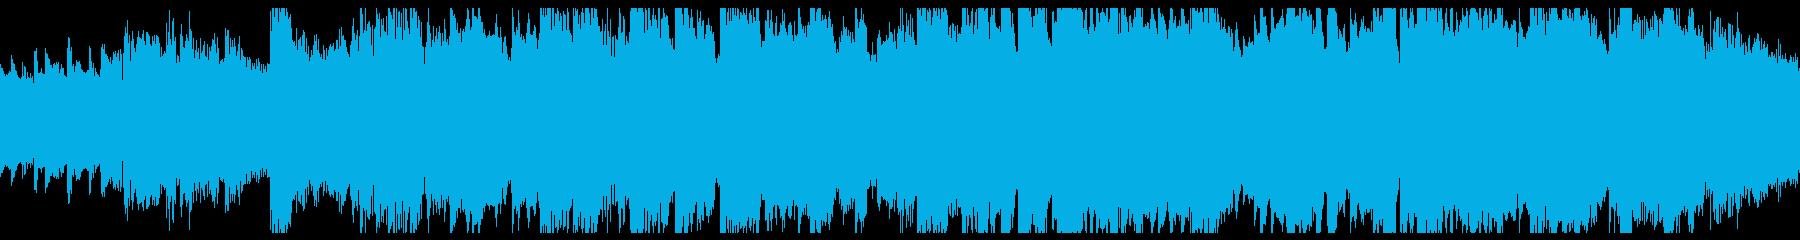 エレピが奏でる優しく切ないバラードの再生済みの波形